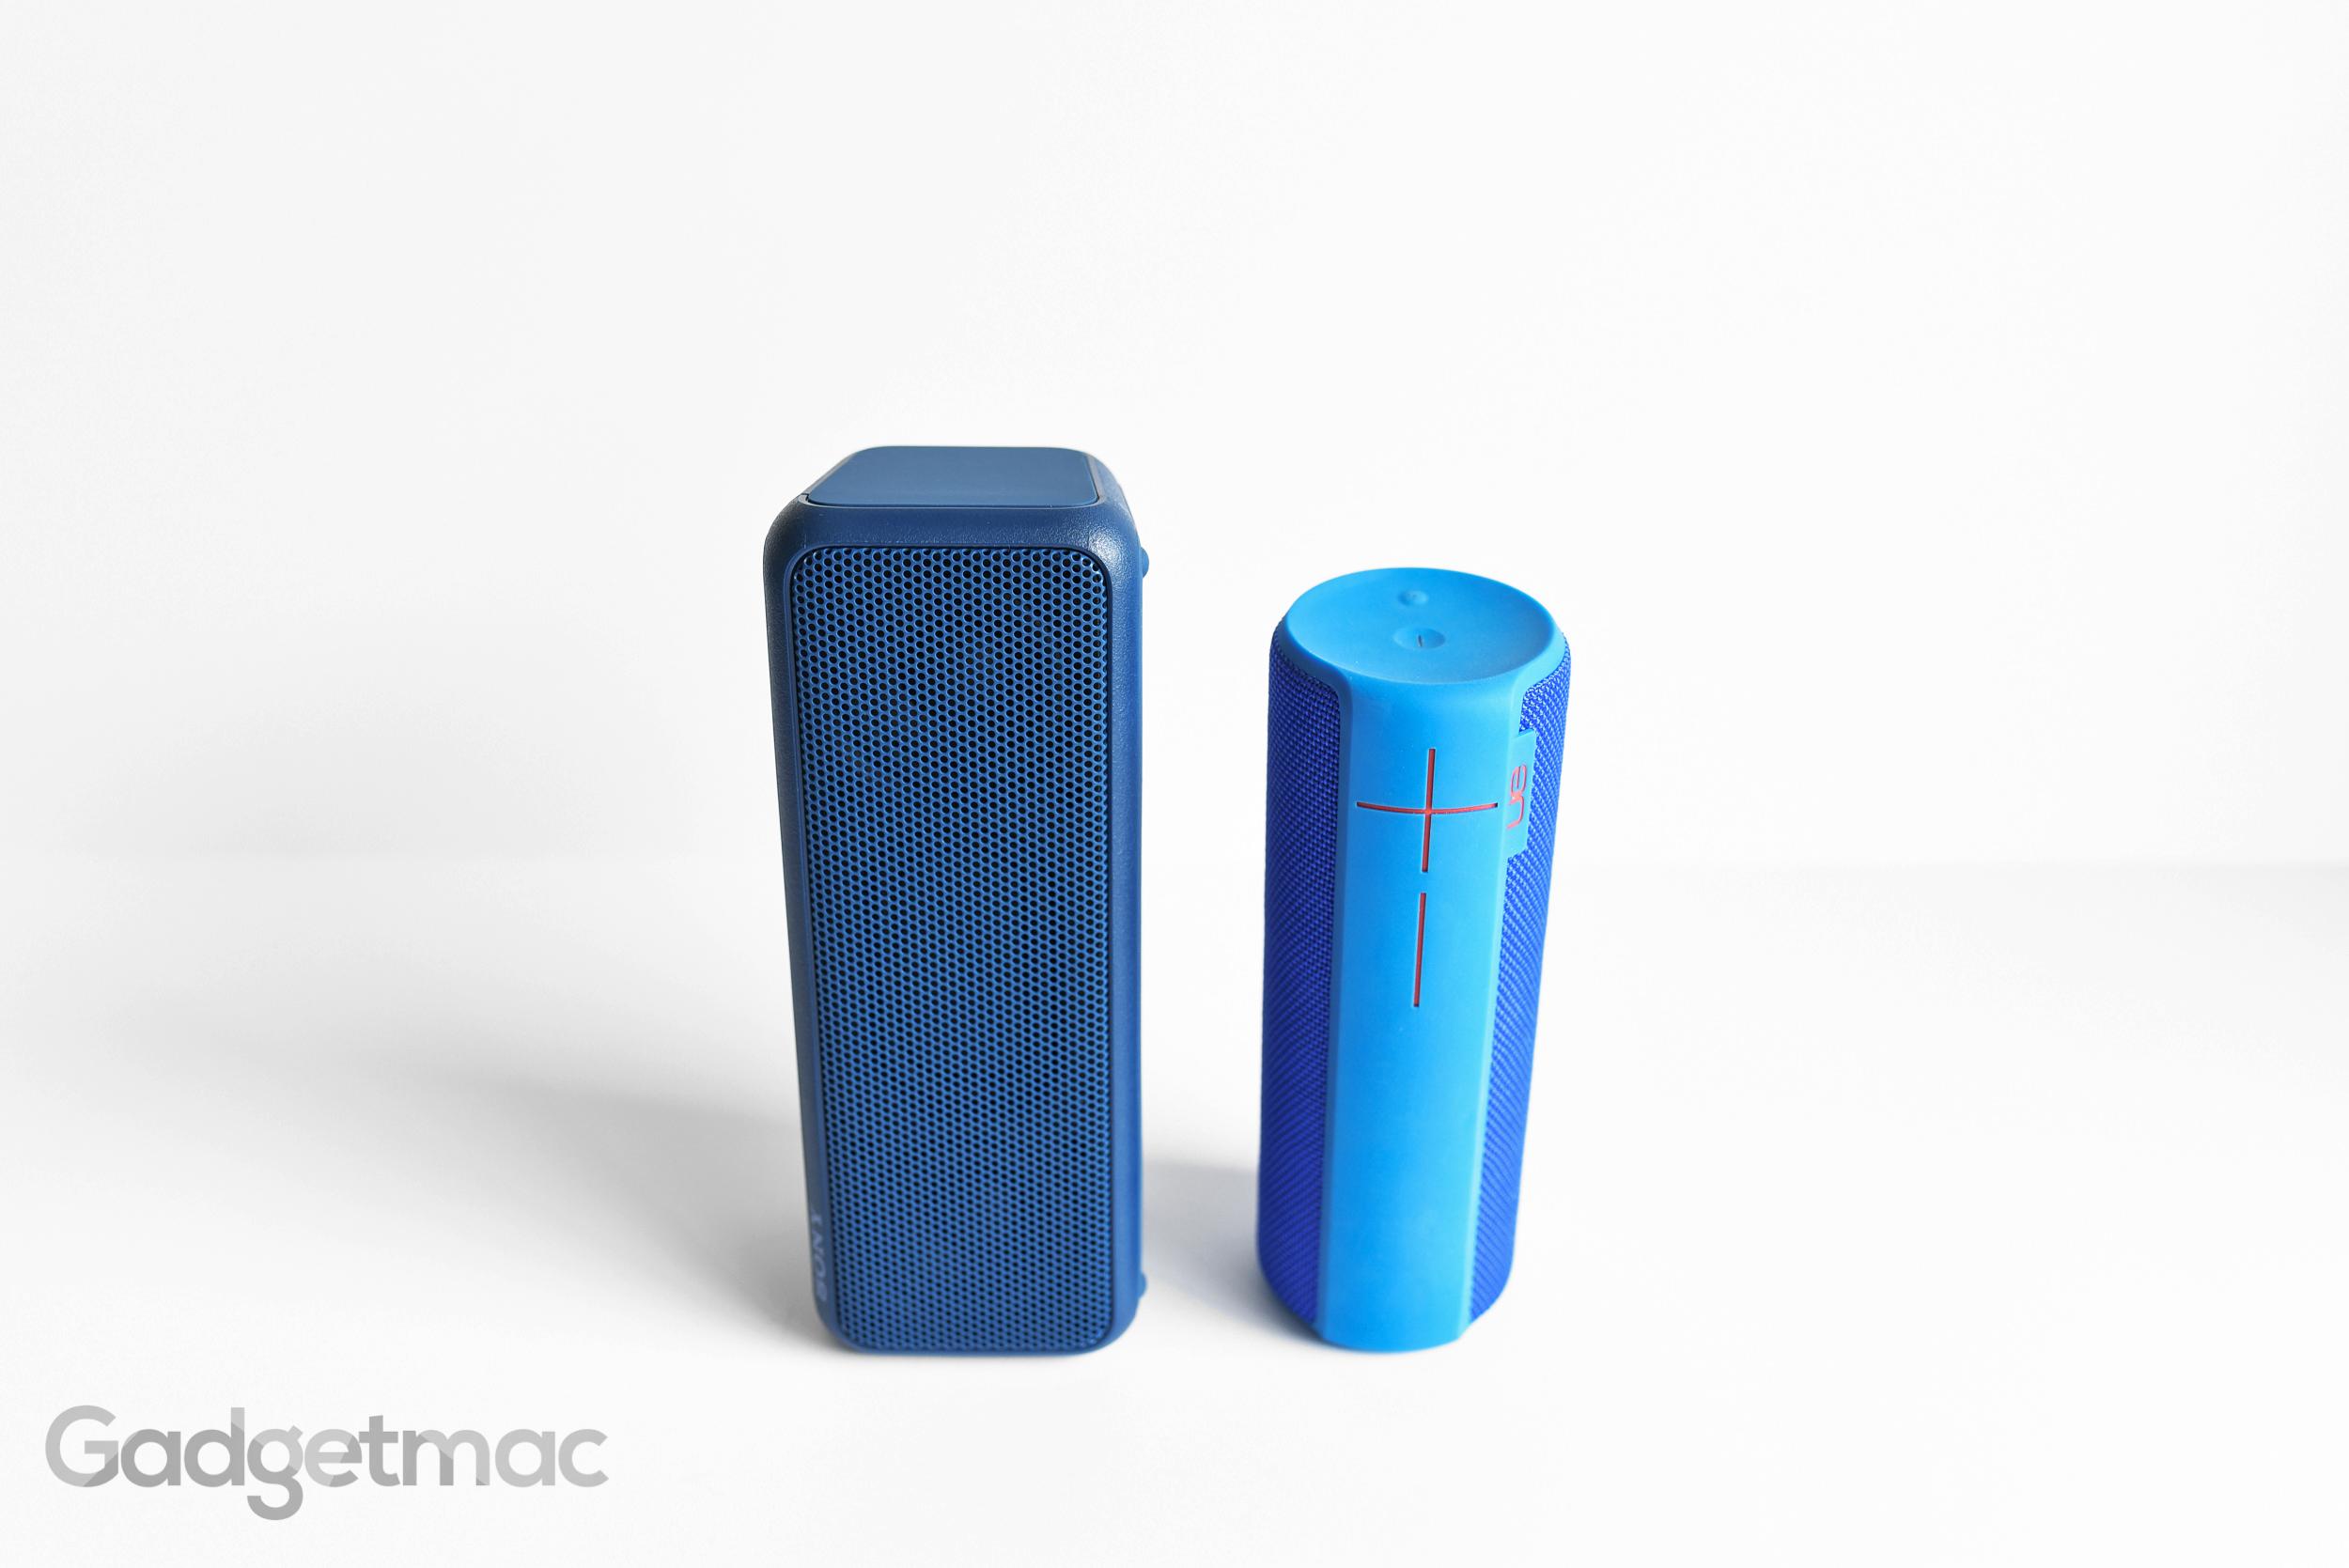 Sony SRS-XB3 Portable Wireless Speaker Review — Gadgetmac